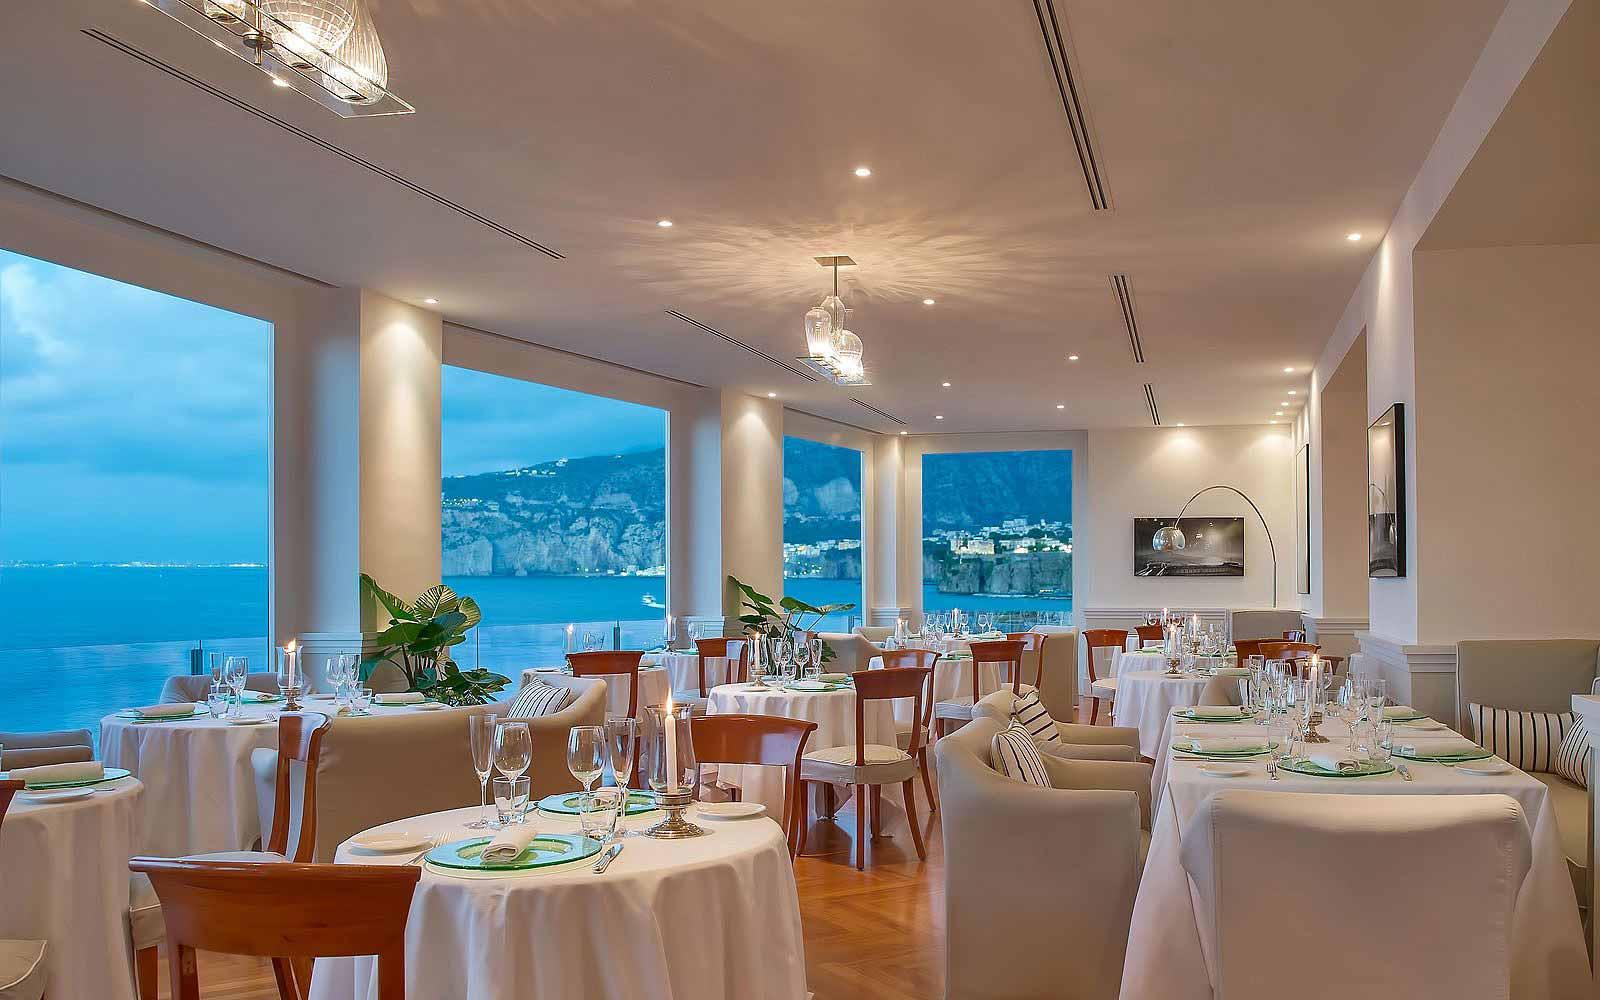 Mimmo Jodice Restaurant Restaurant at Hotel Bellevue Syrene